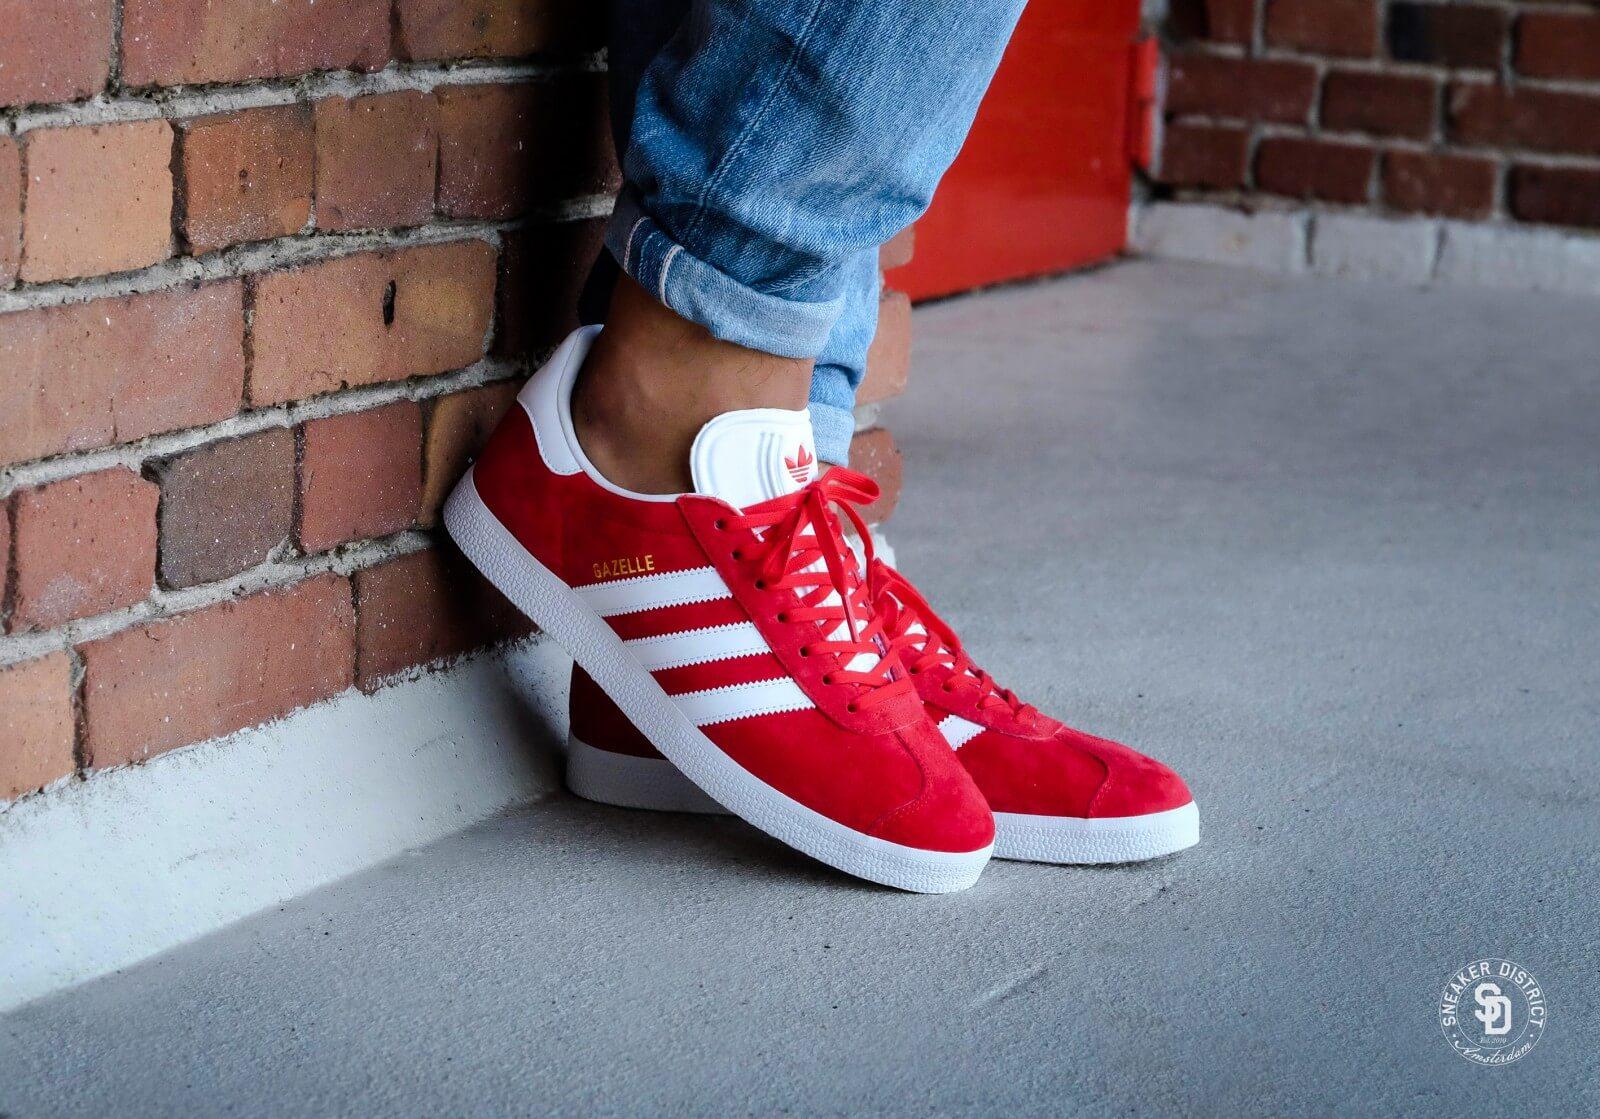 Adidas Gazelle - Scarlet / Footwear White / Gold Metallic